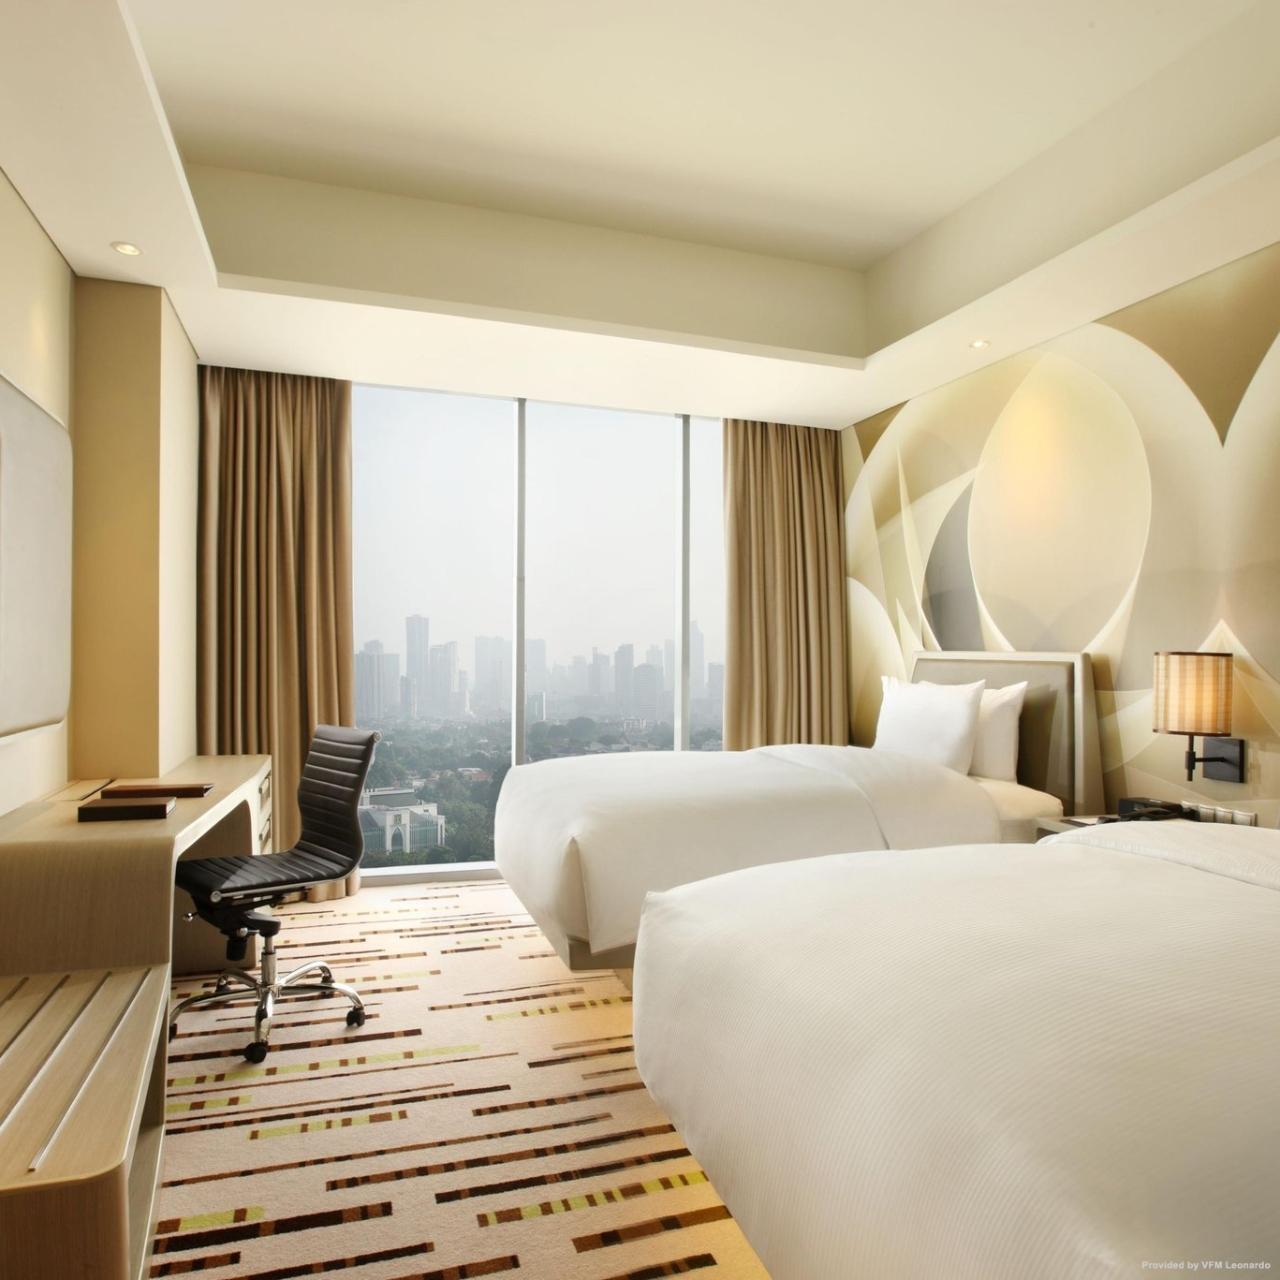 Hotel Doubletree By Hilton Jakarta Diponegoro 4 Hrs Star Hotel In Jakarta